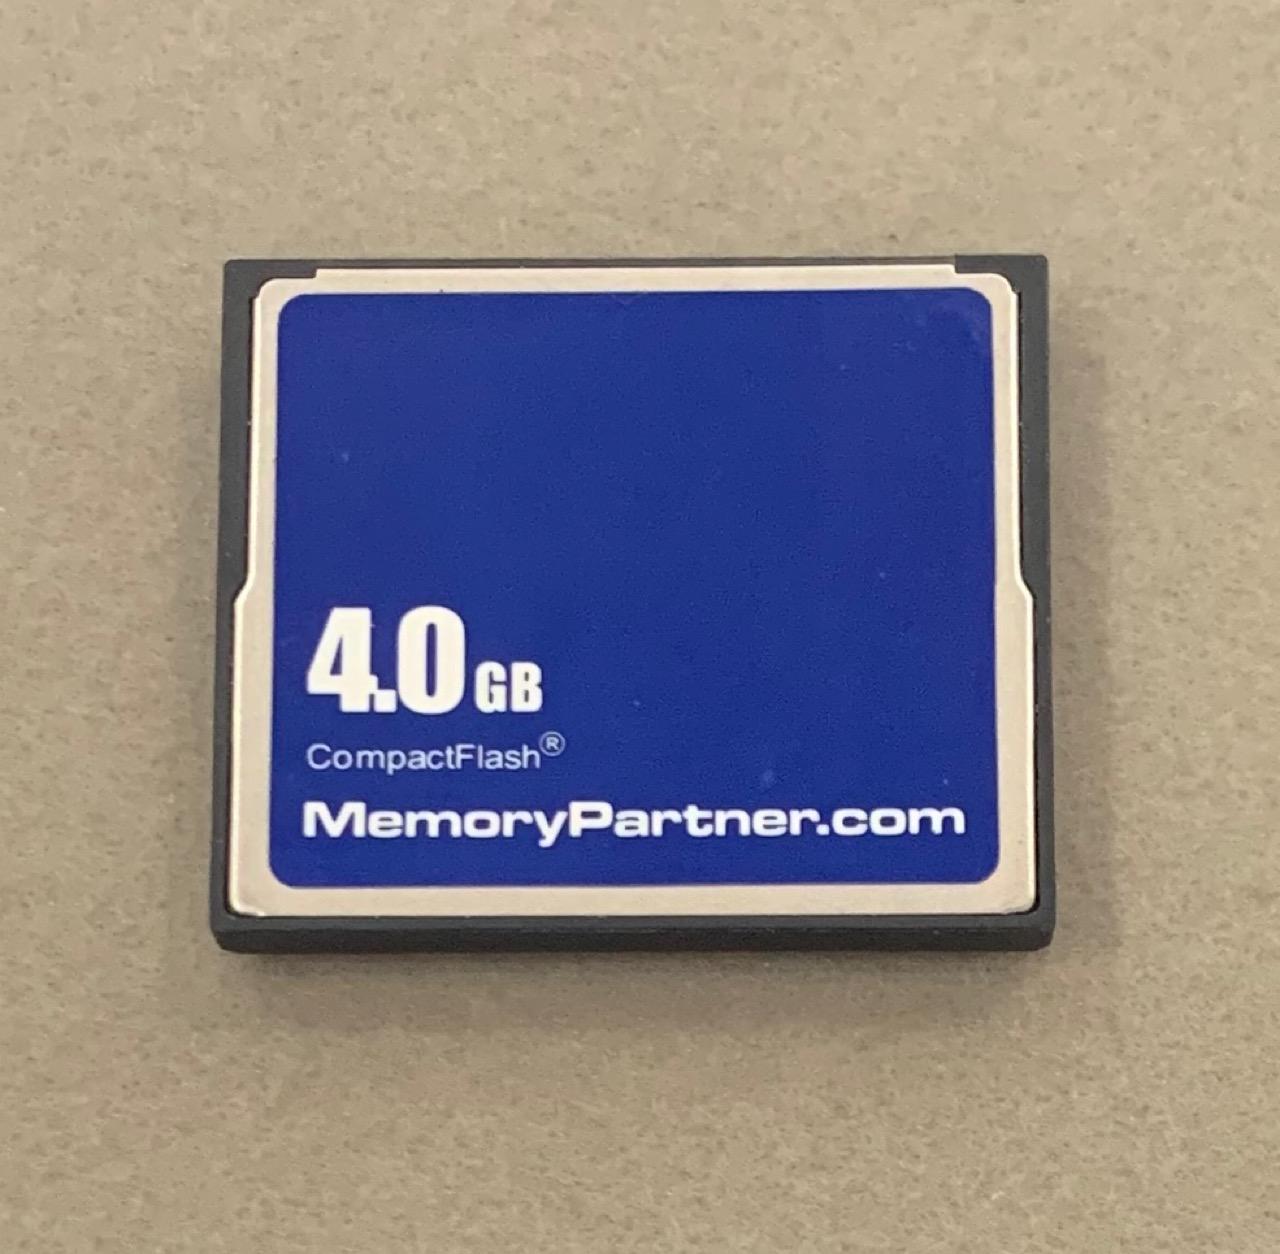 期間限定送料無料 CFカード コンパクトフラッシュ 期間限定特価品 4GB